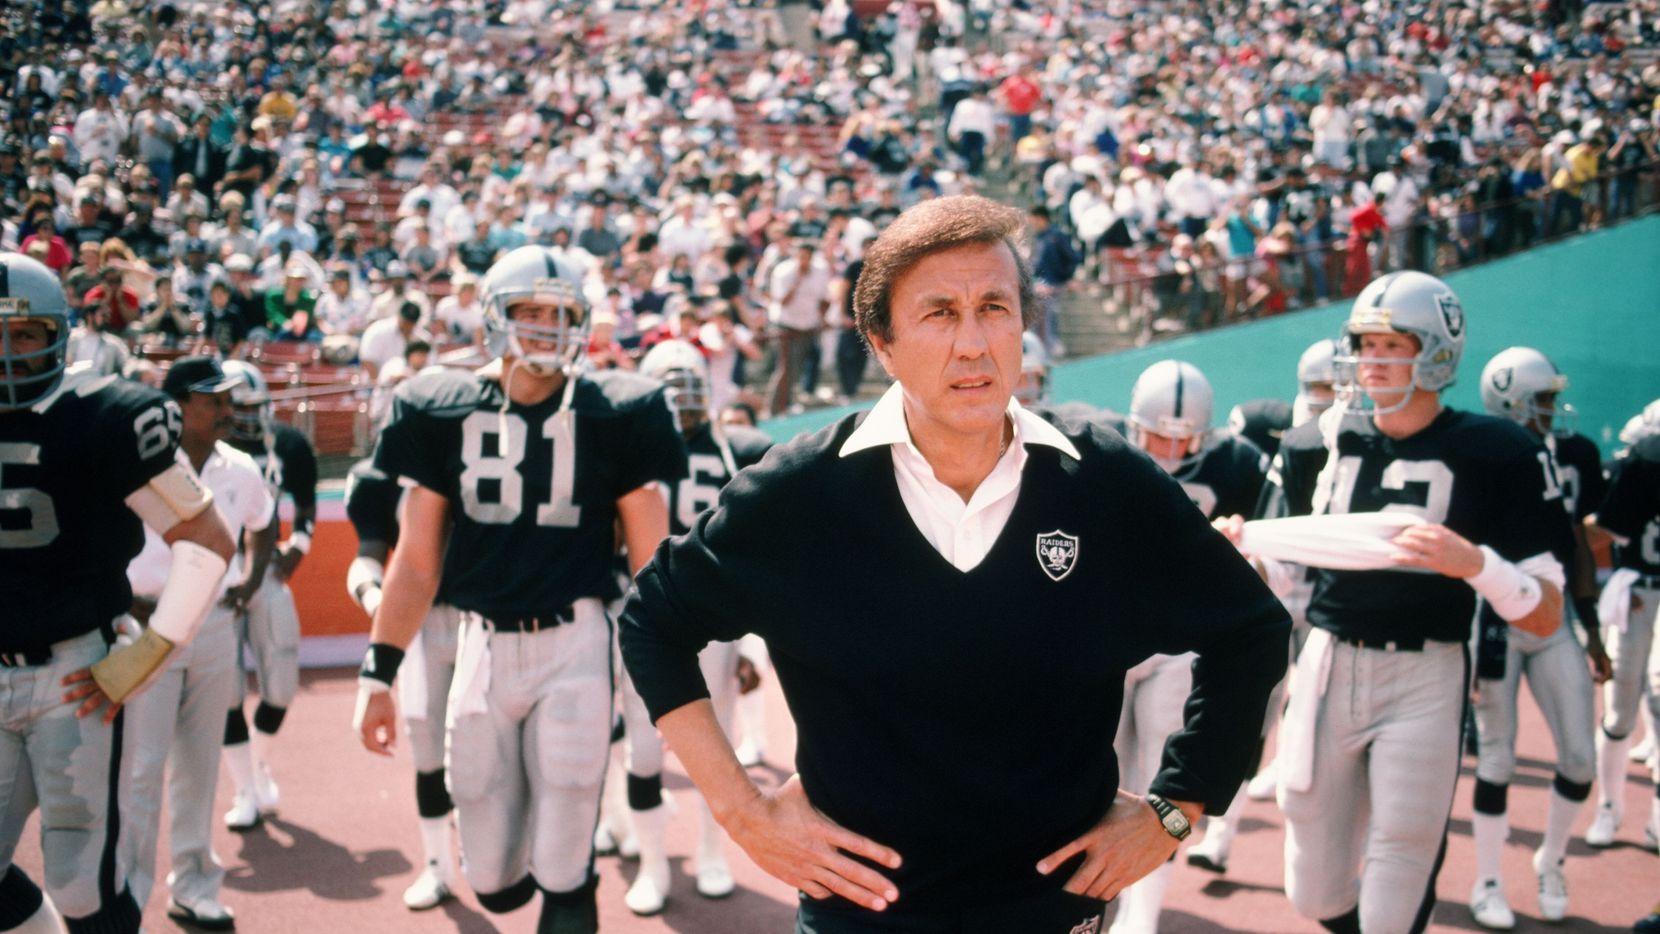 El entrenador Tom Flores antes de un juego de los Raiders de Los Ángeles en 1987.